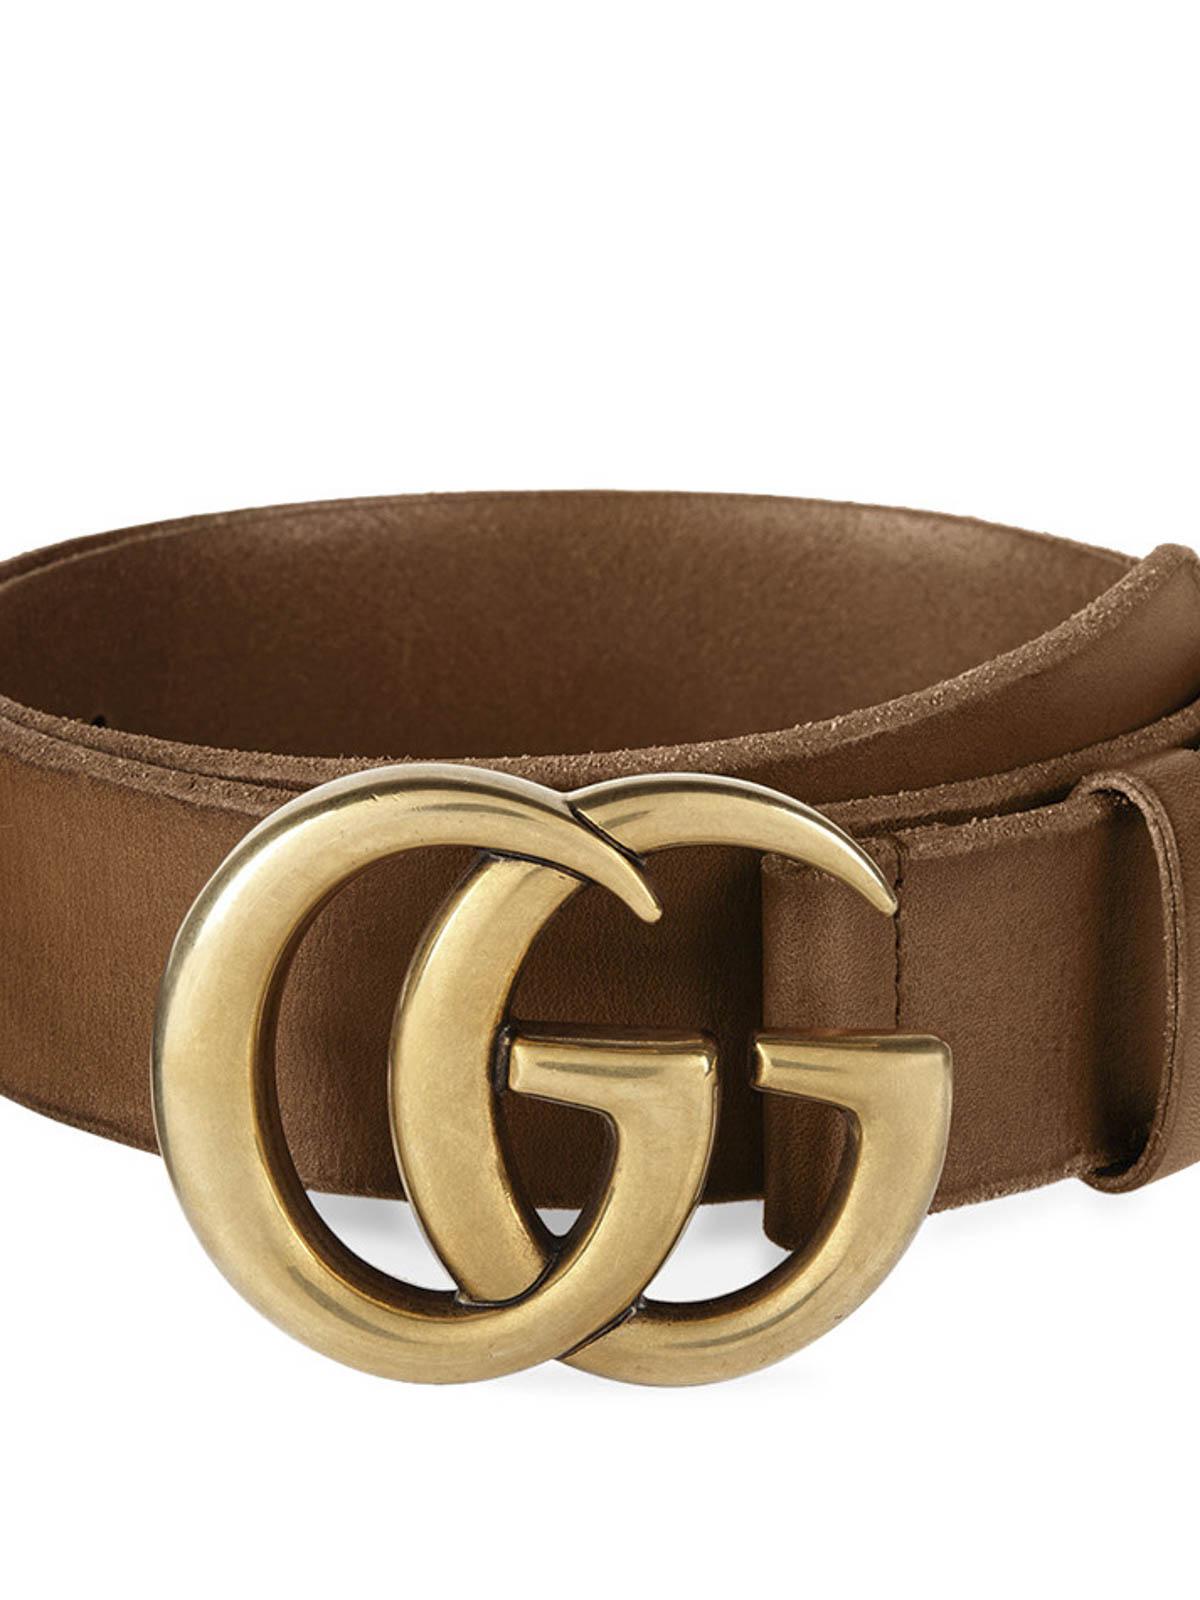 Gucci - Cinturón Marrón Claro Para Mujer - Cinturones - 409416 CVE0T ... 26ec3f27fdd